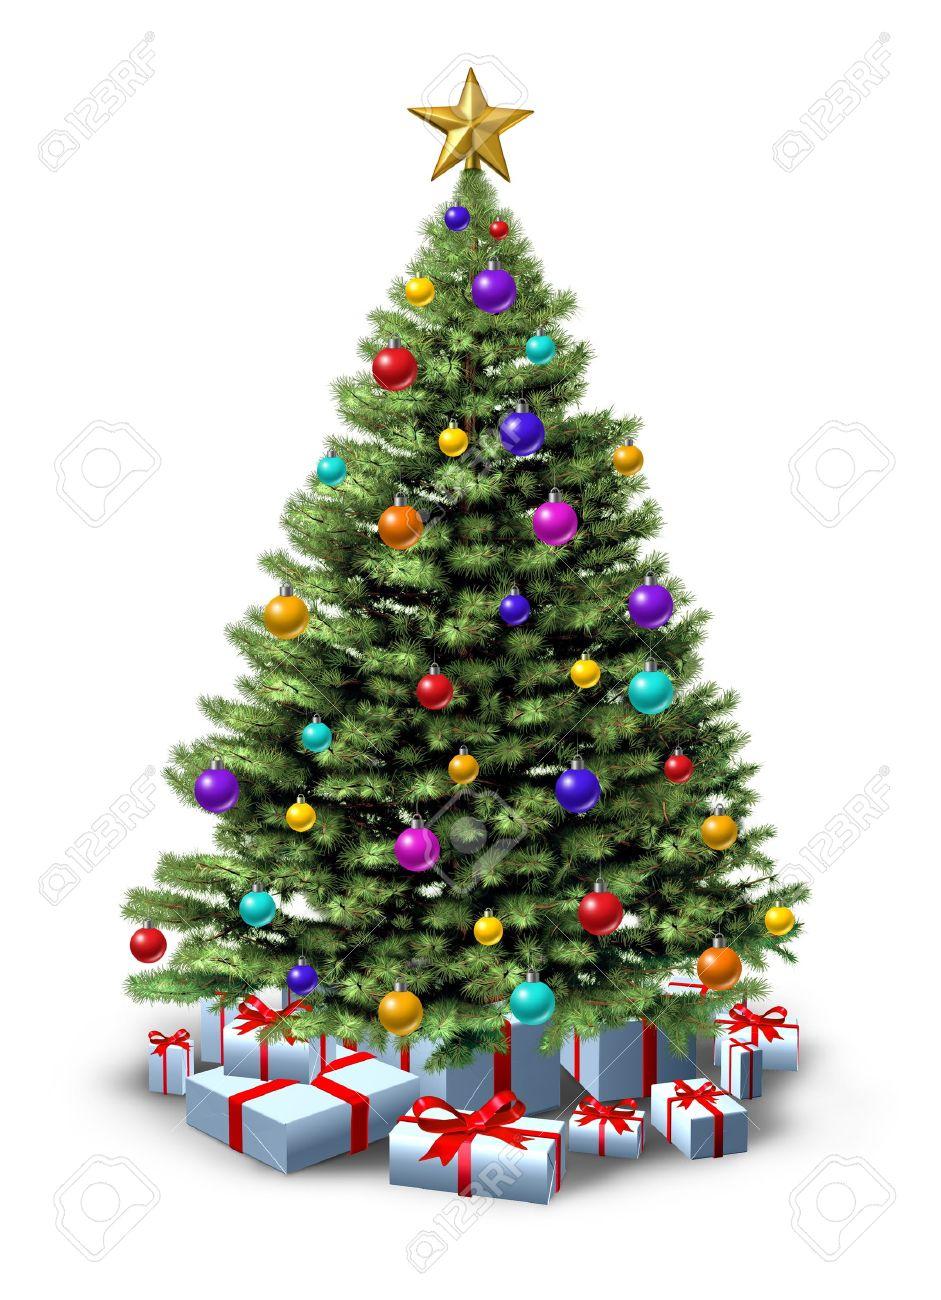 Navidad Decorado rbol De Pino Natural De Bosque Verde Adornado Con